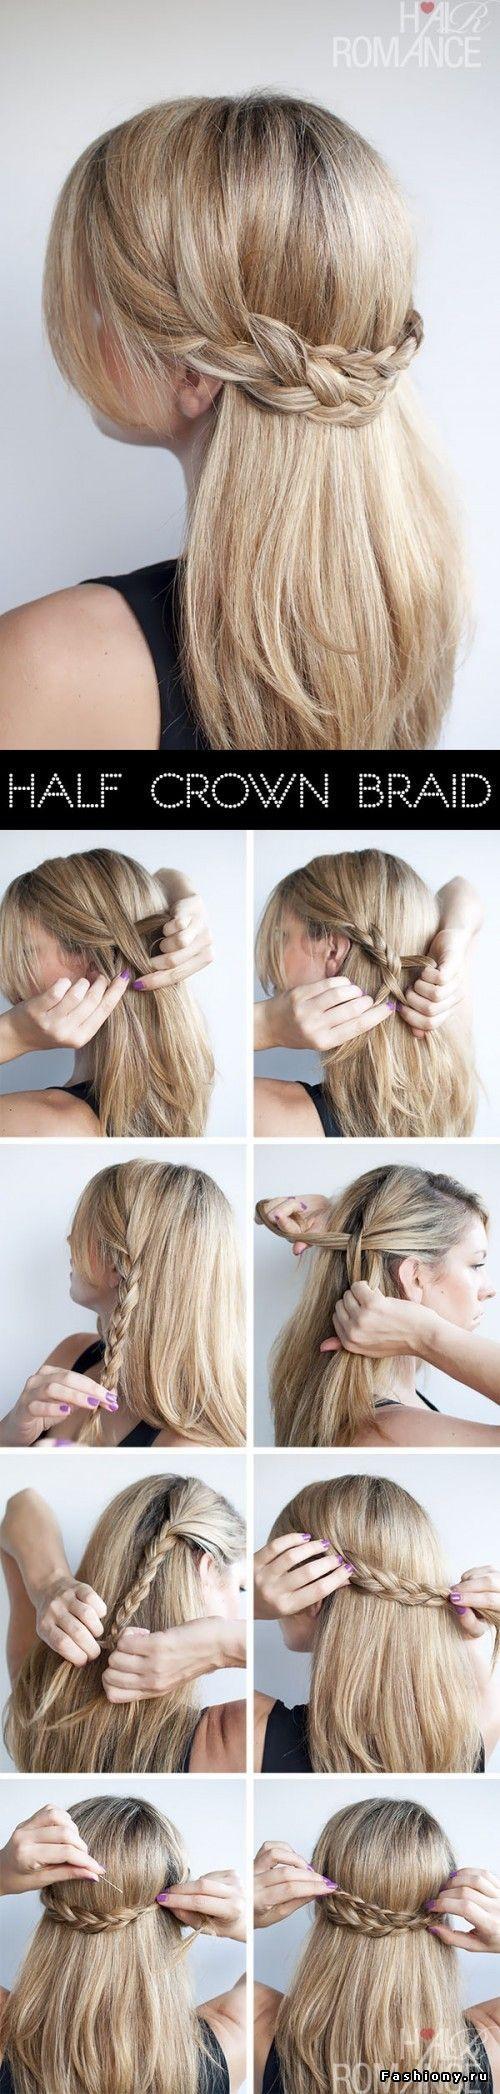 Cute Simple braid!